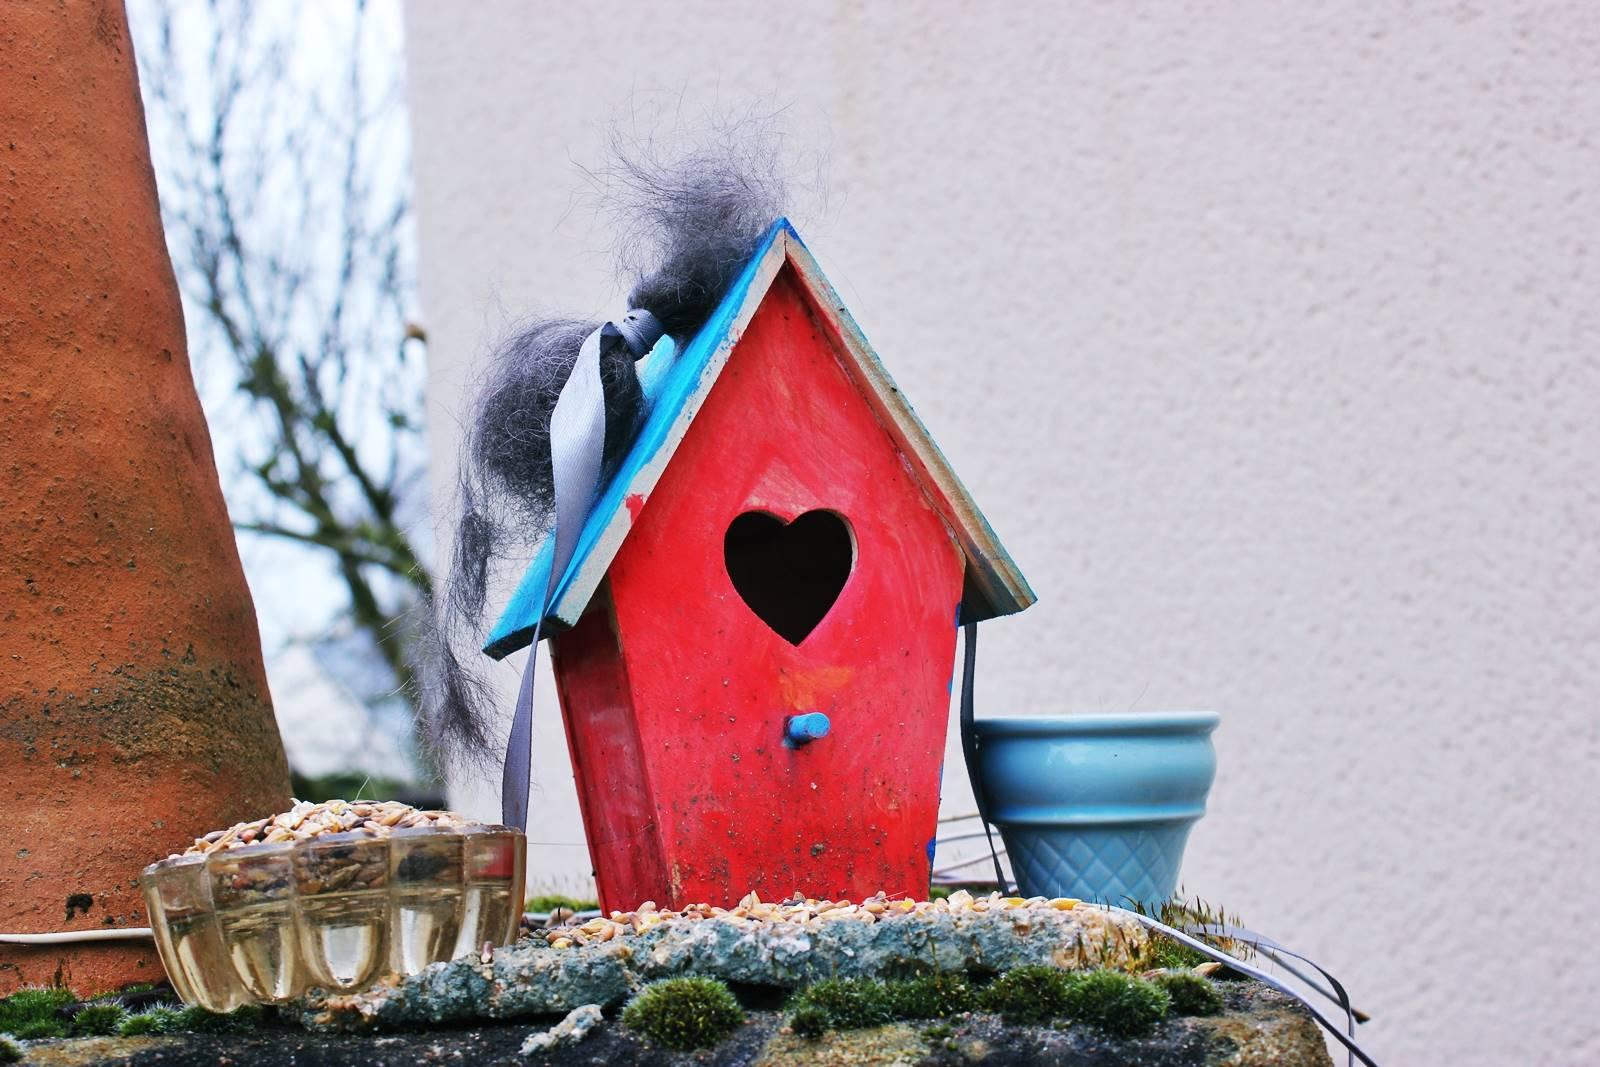 Comment aider les oiseaux en hiver